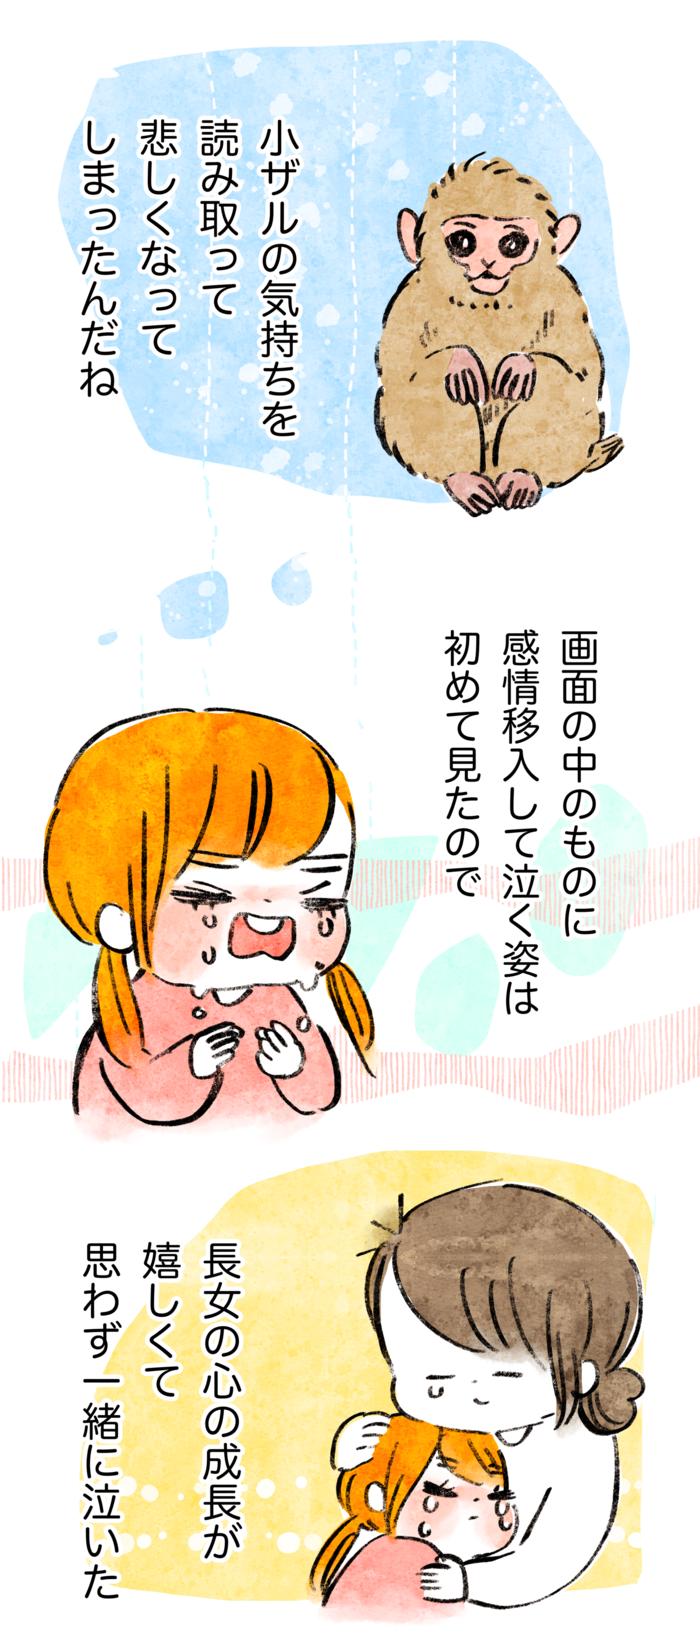 娘のはじめての涙。体と一緒に、心も成長していたんだね。の画像3